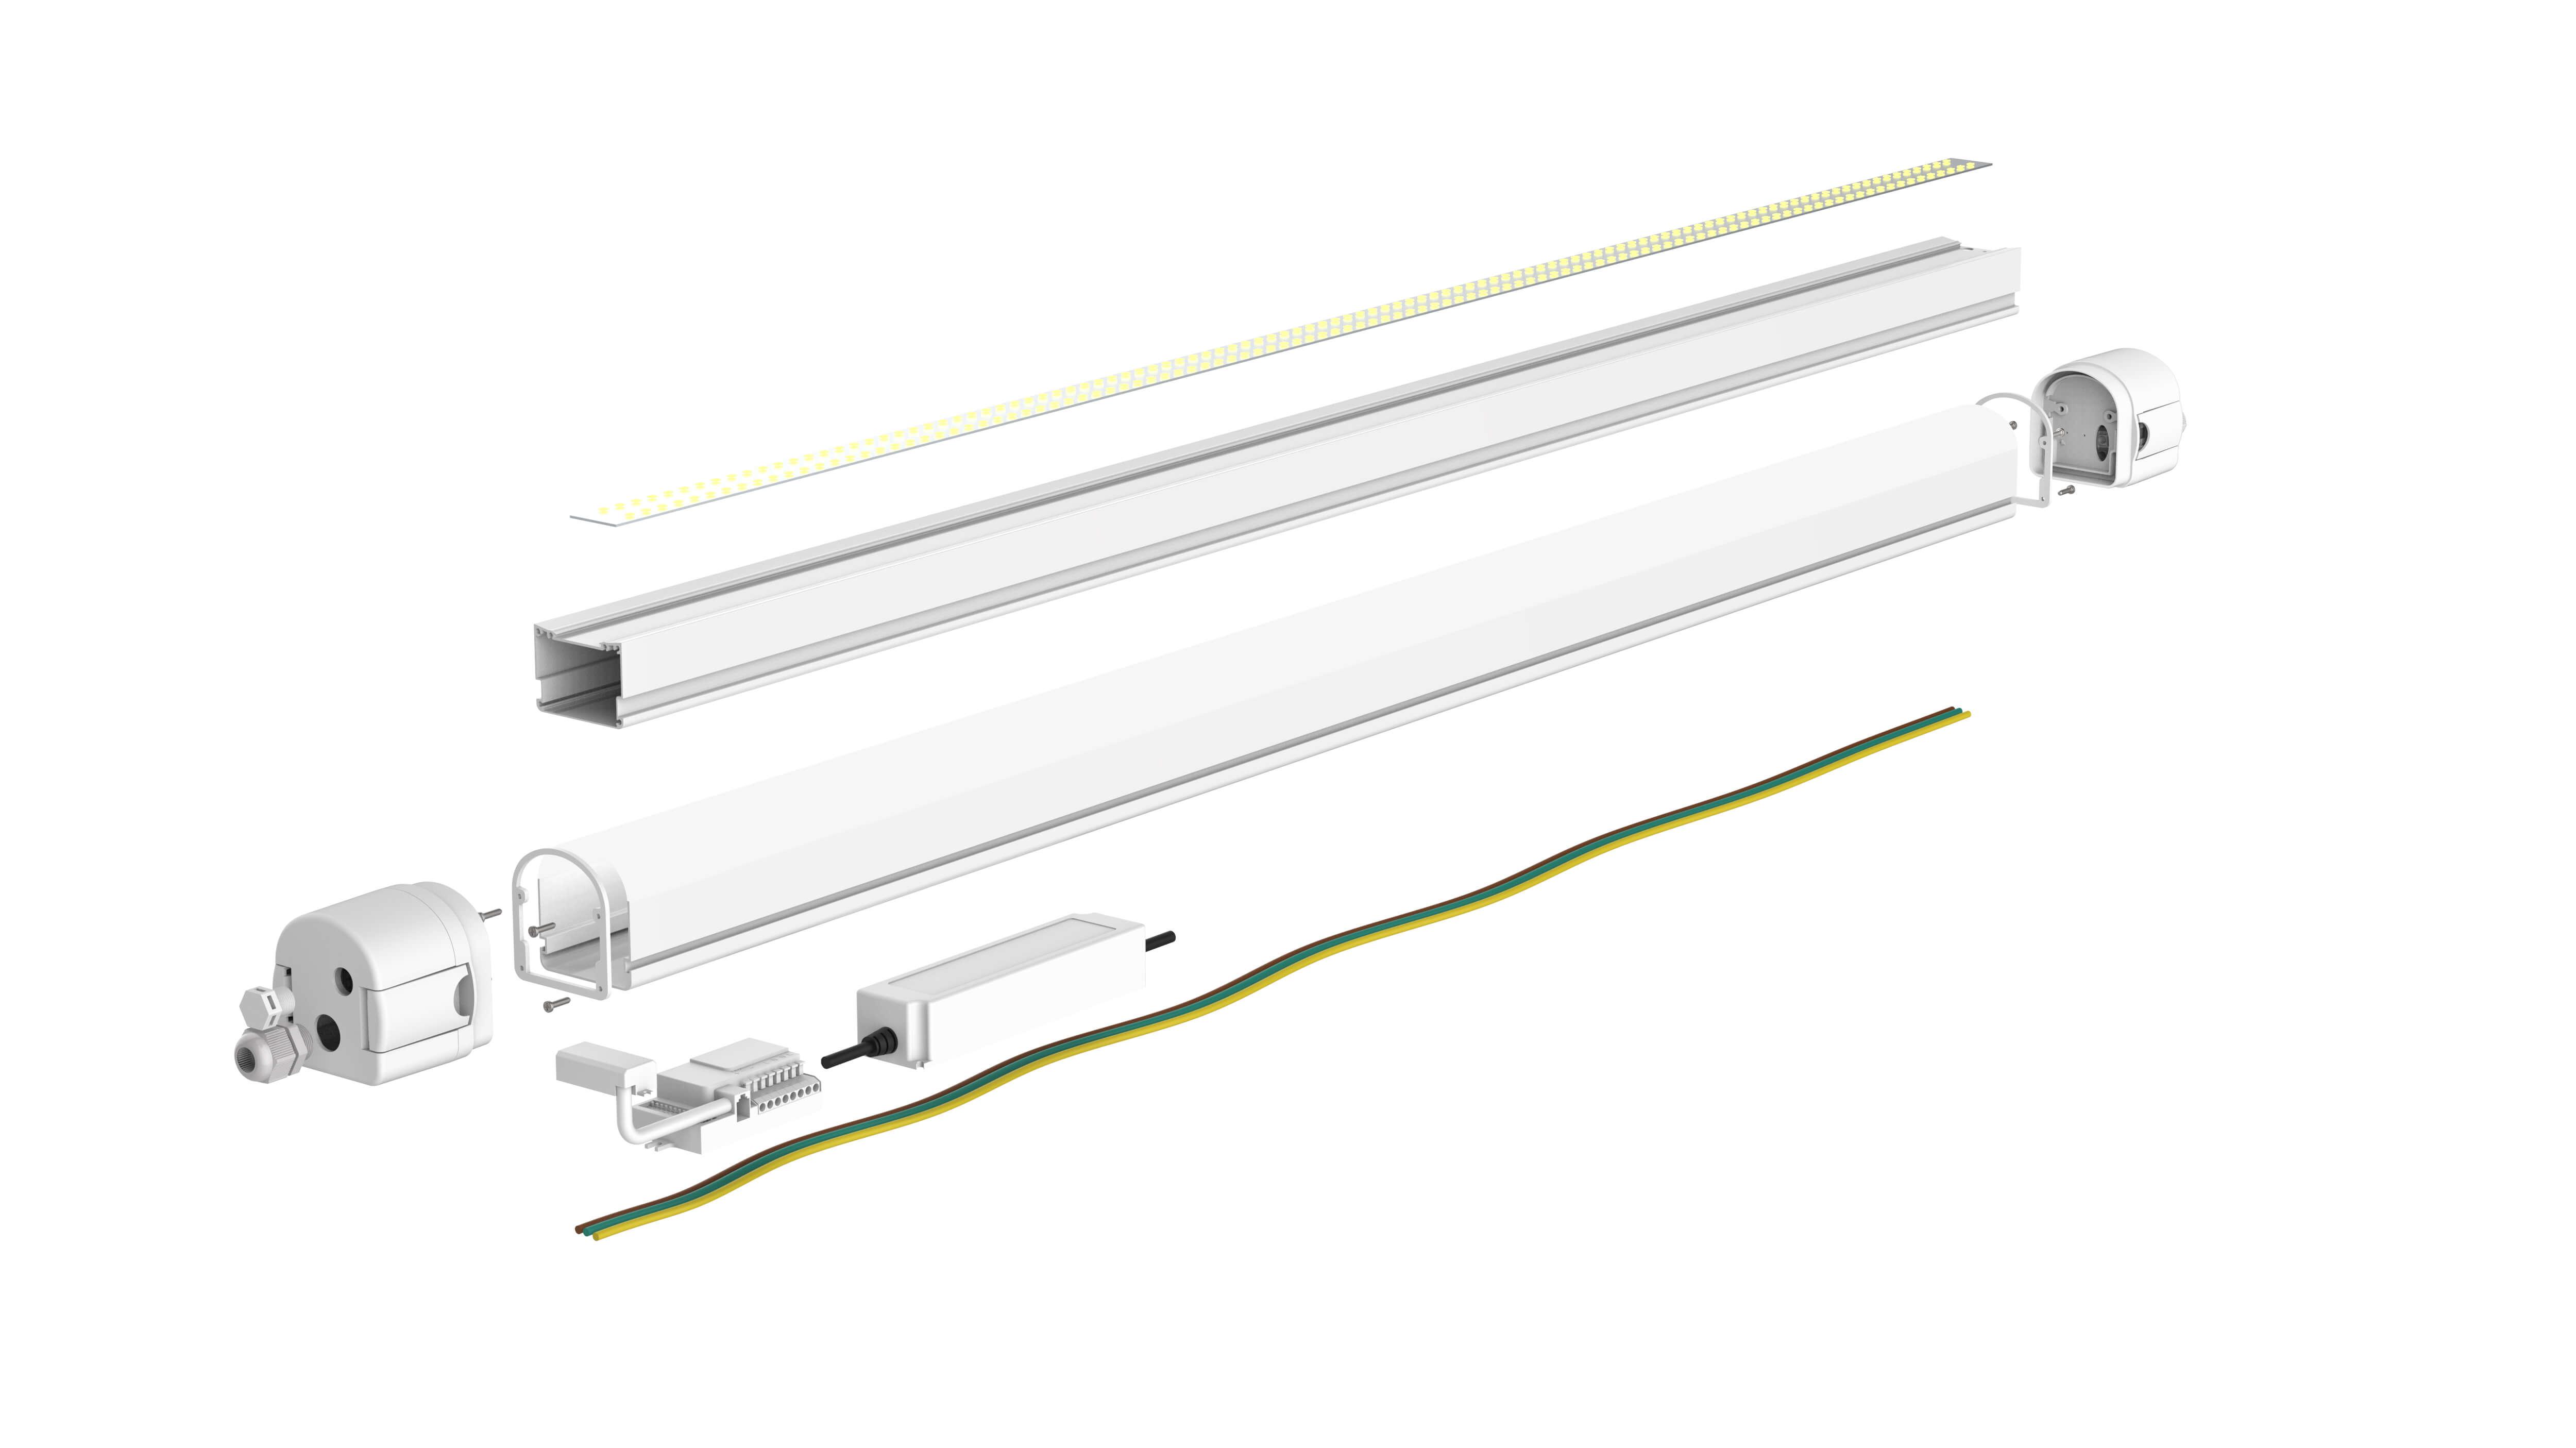 Speedy is een strak en modern armatuur met de focus op installatietijd